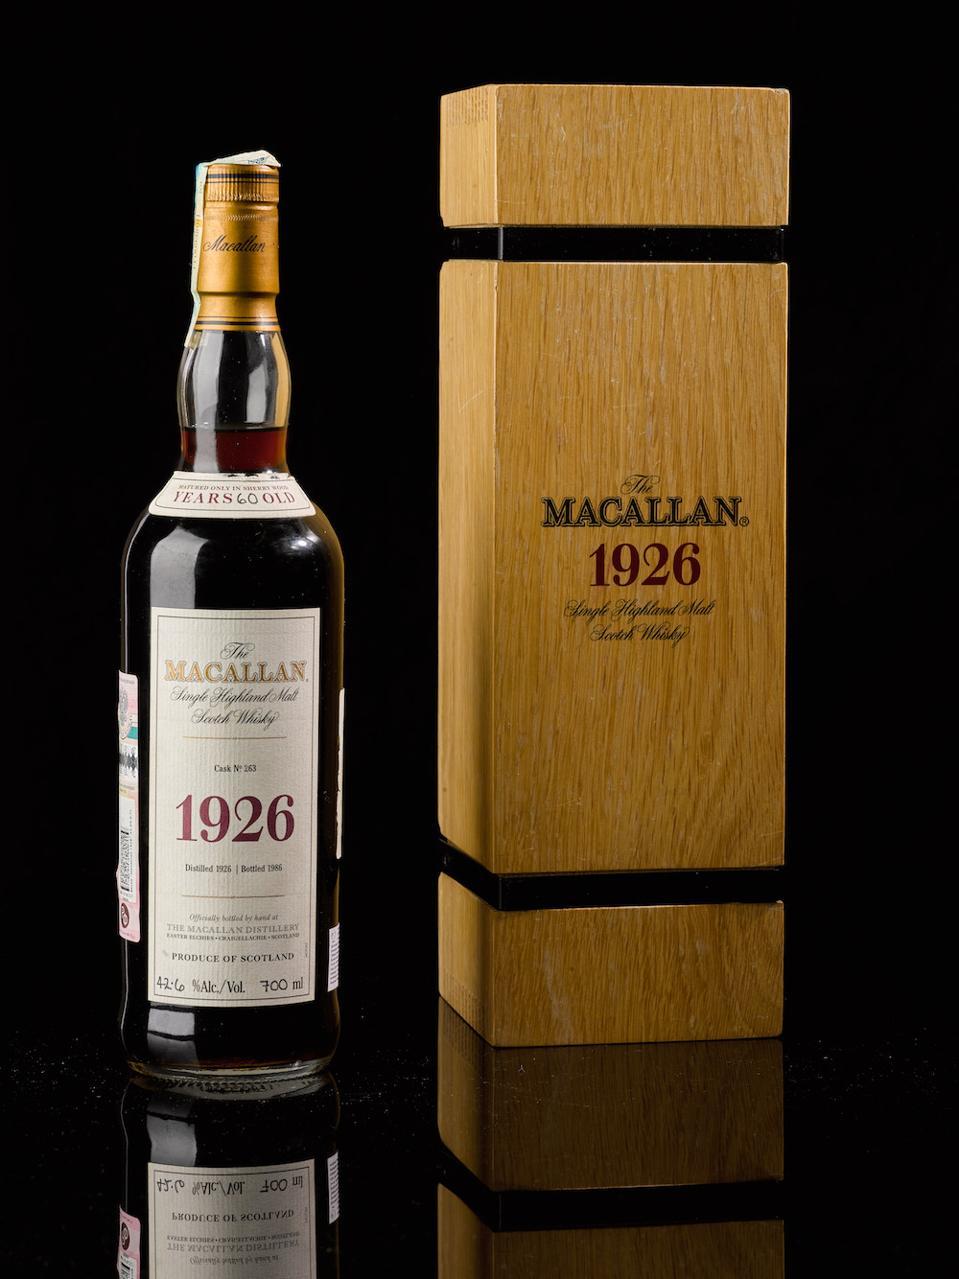 Macallan 1926